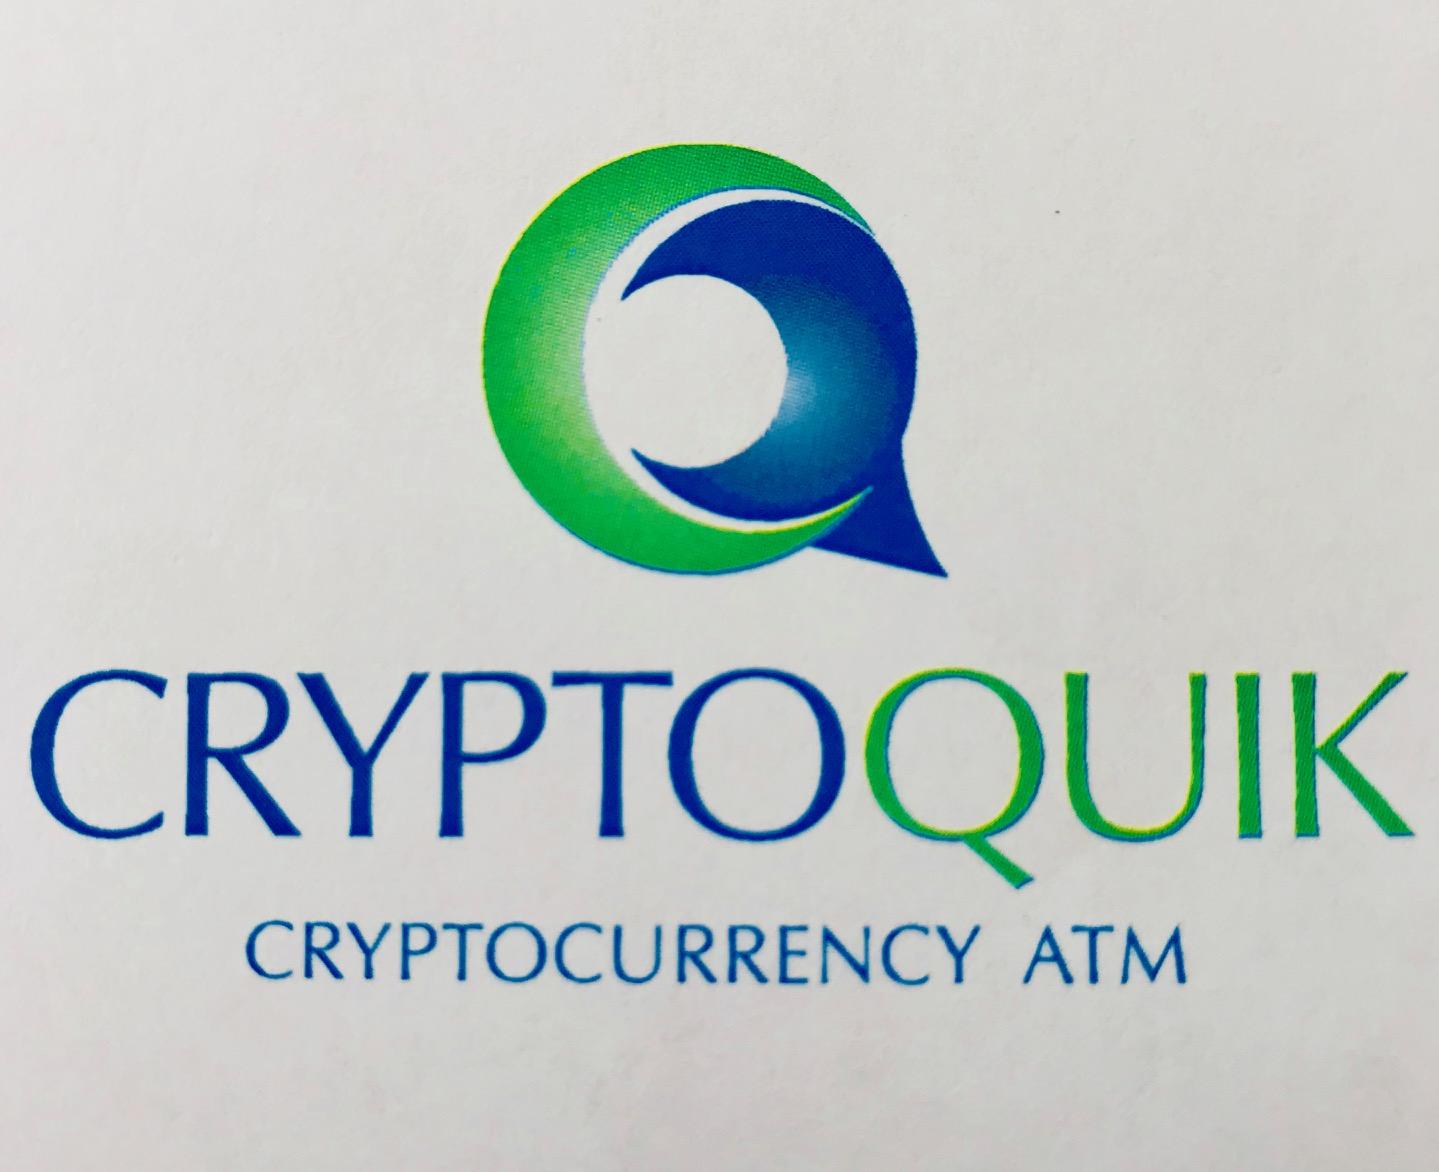 CryptoQuik  logo